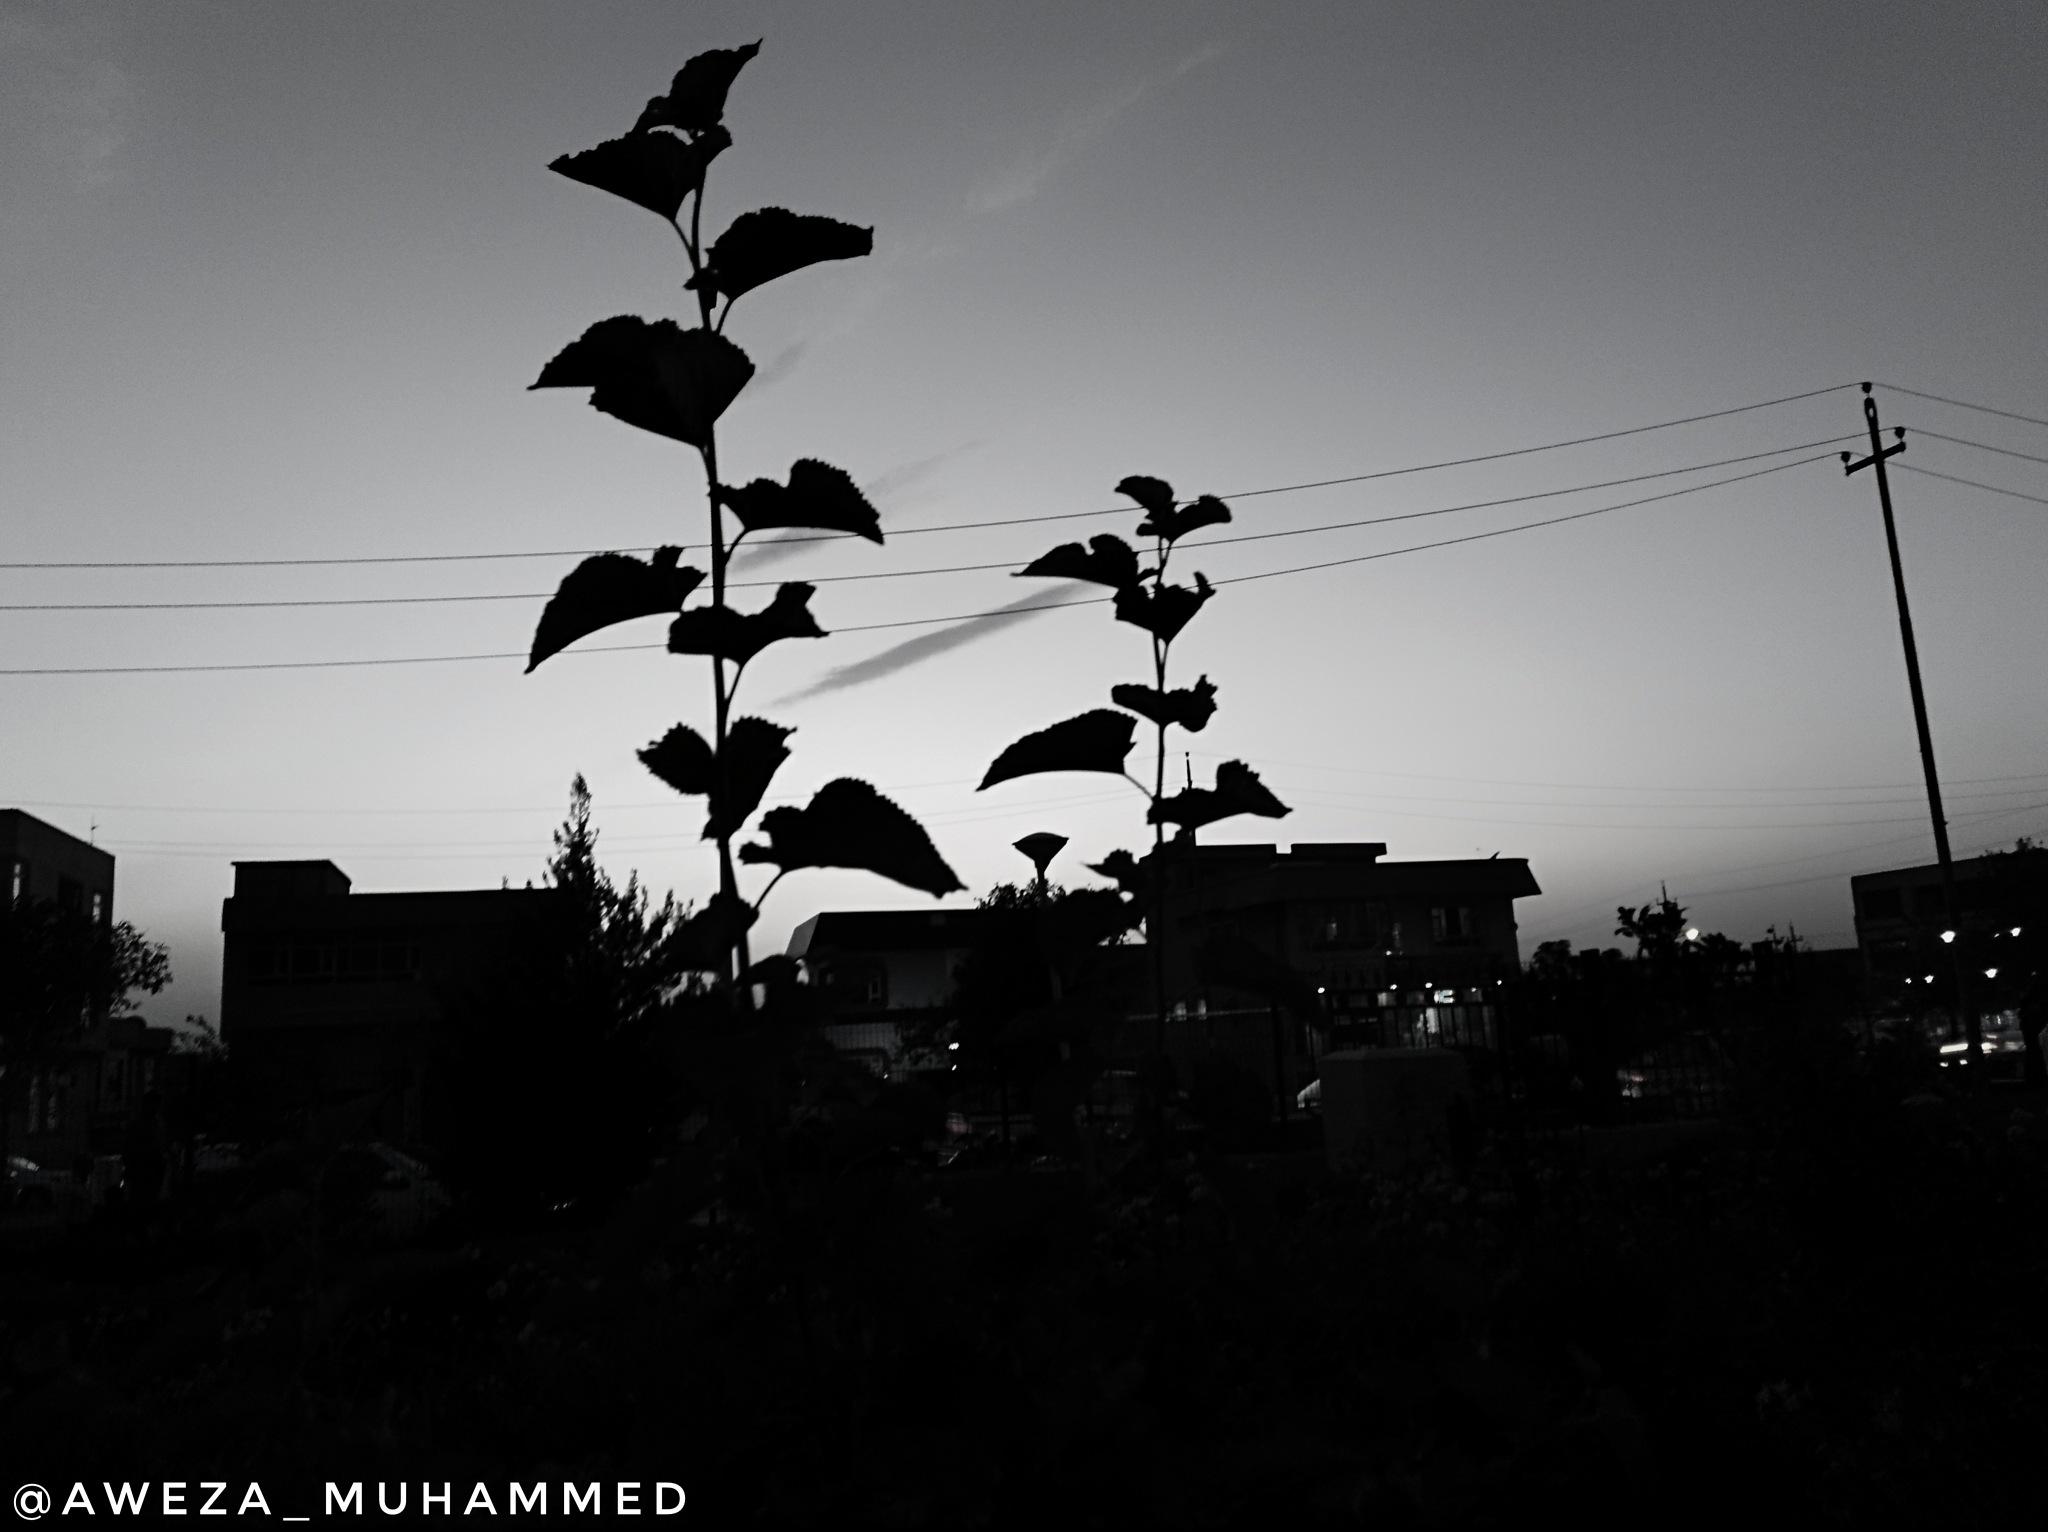 Untitled by Aweza Muhammed